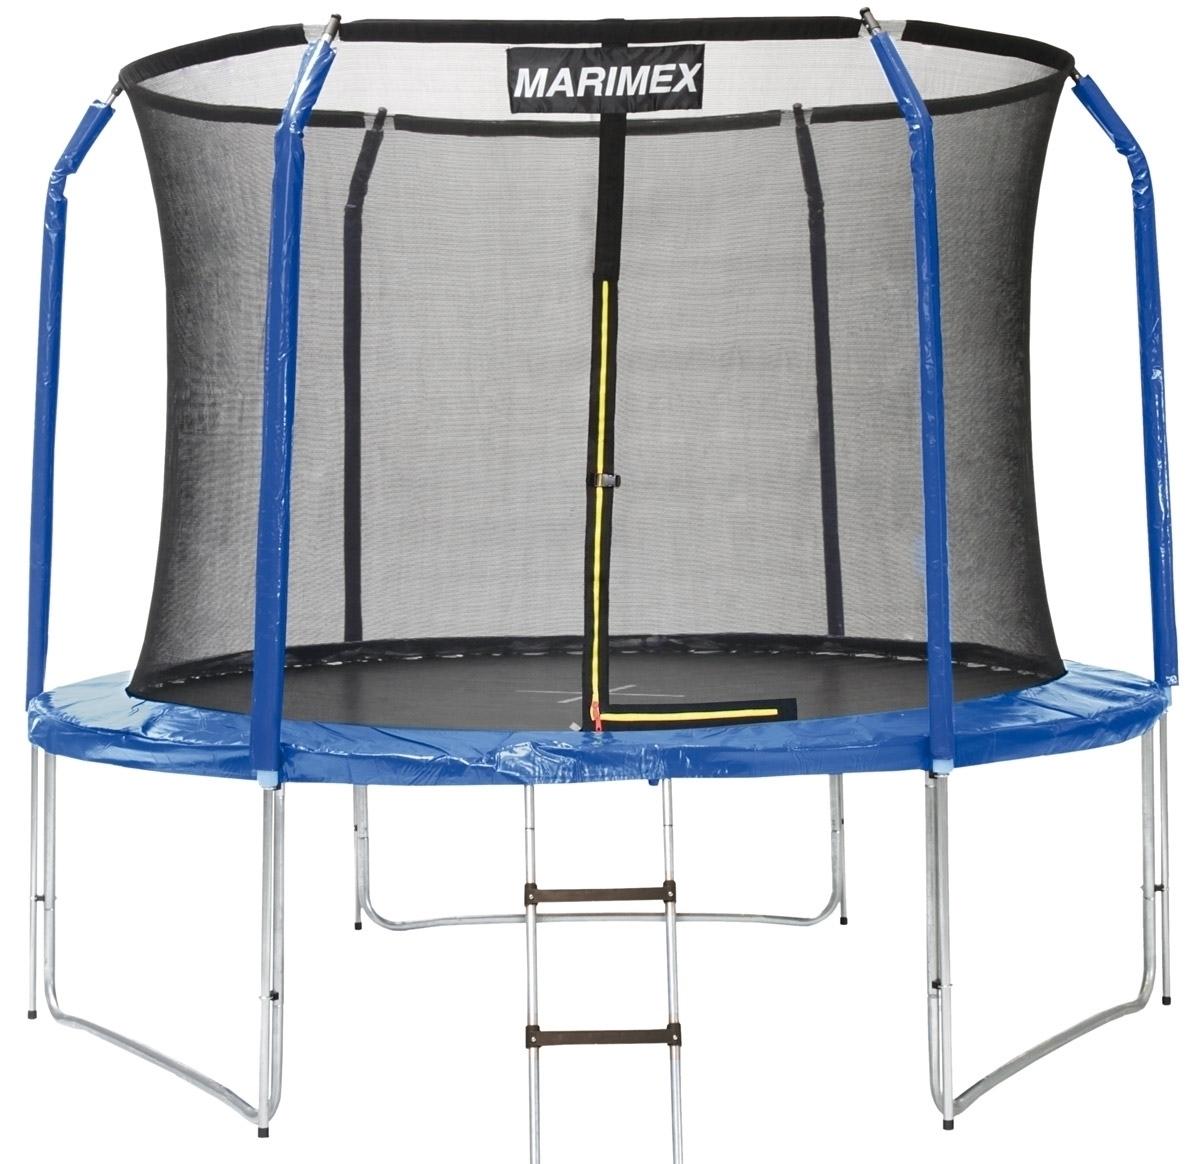 Trampolína Marimex 305 cm + ochranná sieť + schodíky ZDARMA